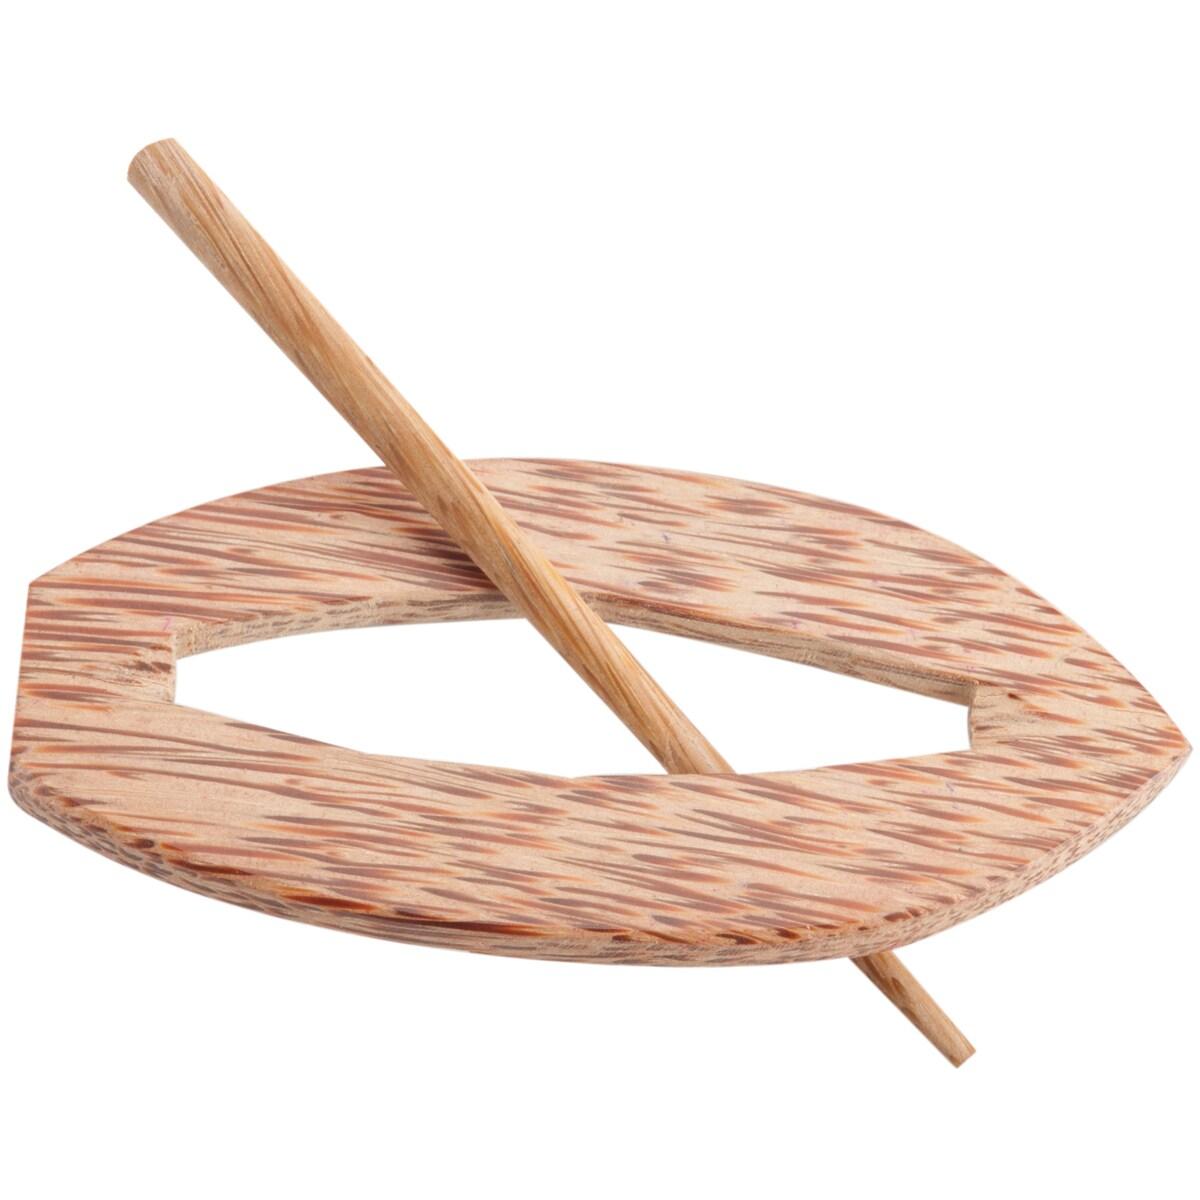 Oblong Shaped Shawl Pin-Palm